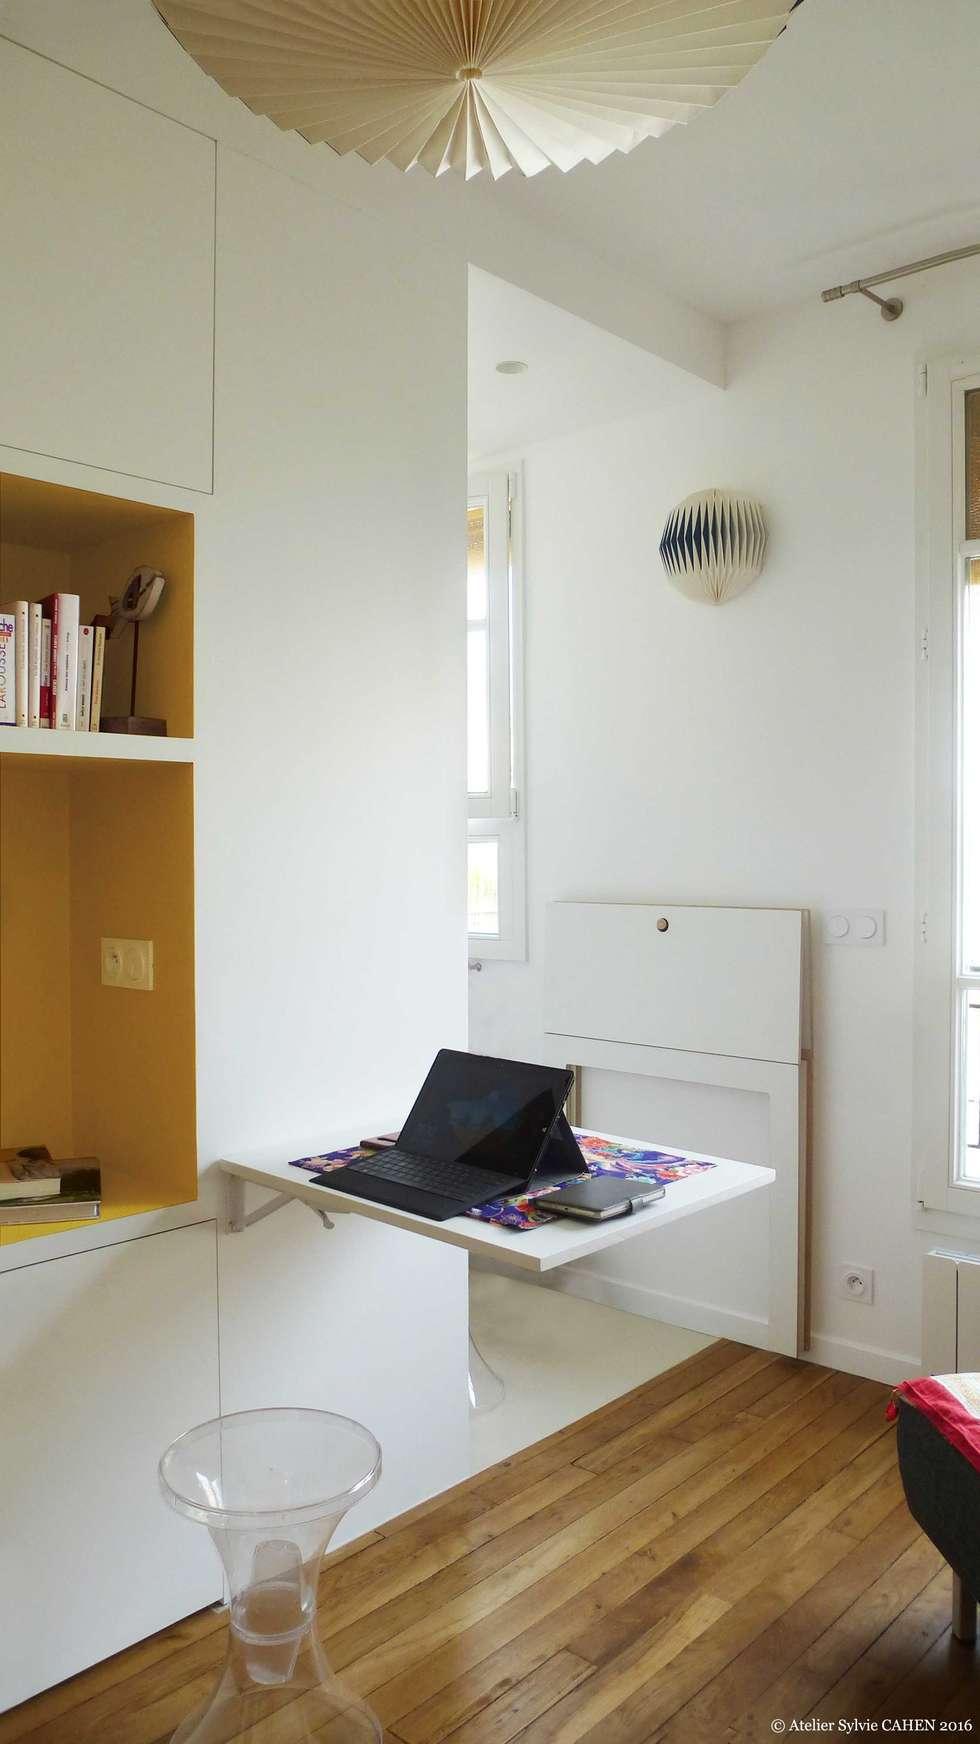 ORIGAMI: Bureau de style de style Moderne par Atelier Sylvie Cahen